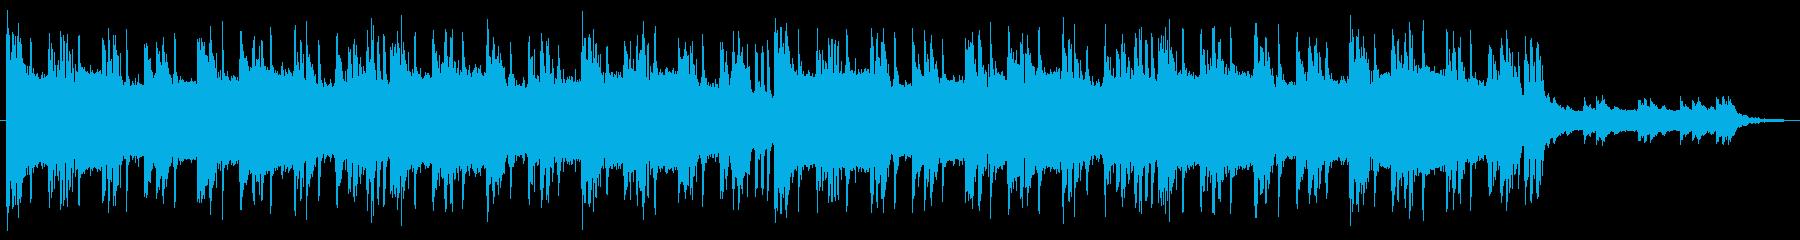 大会 エンディング ヒップホップ 60秒の再生済みの波形